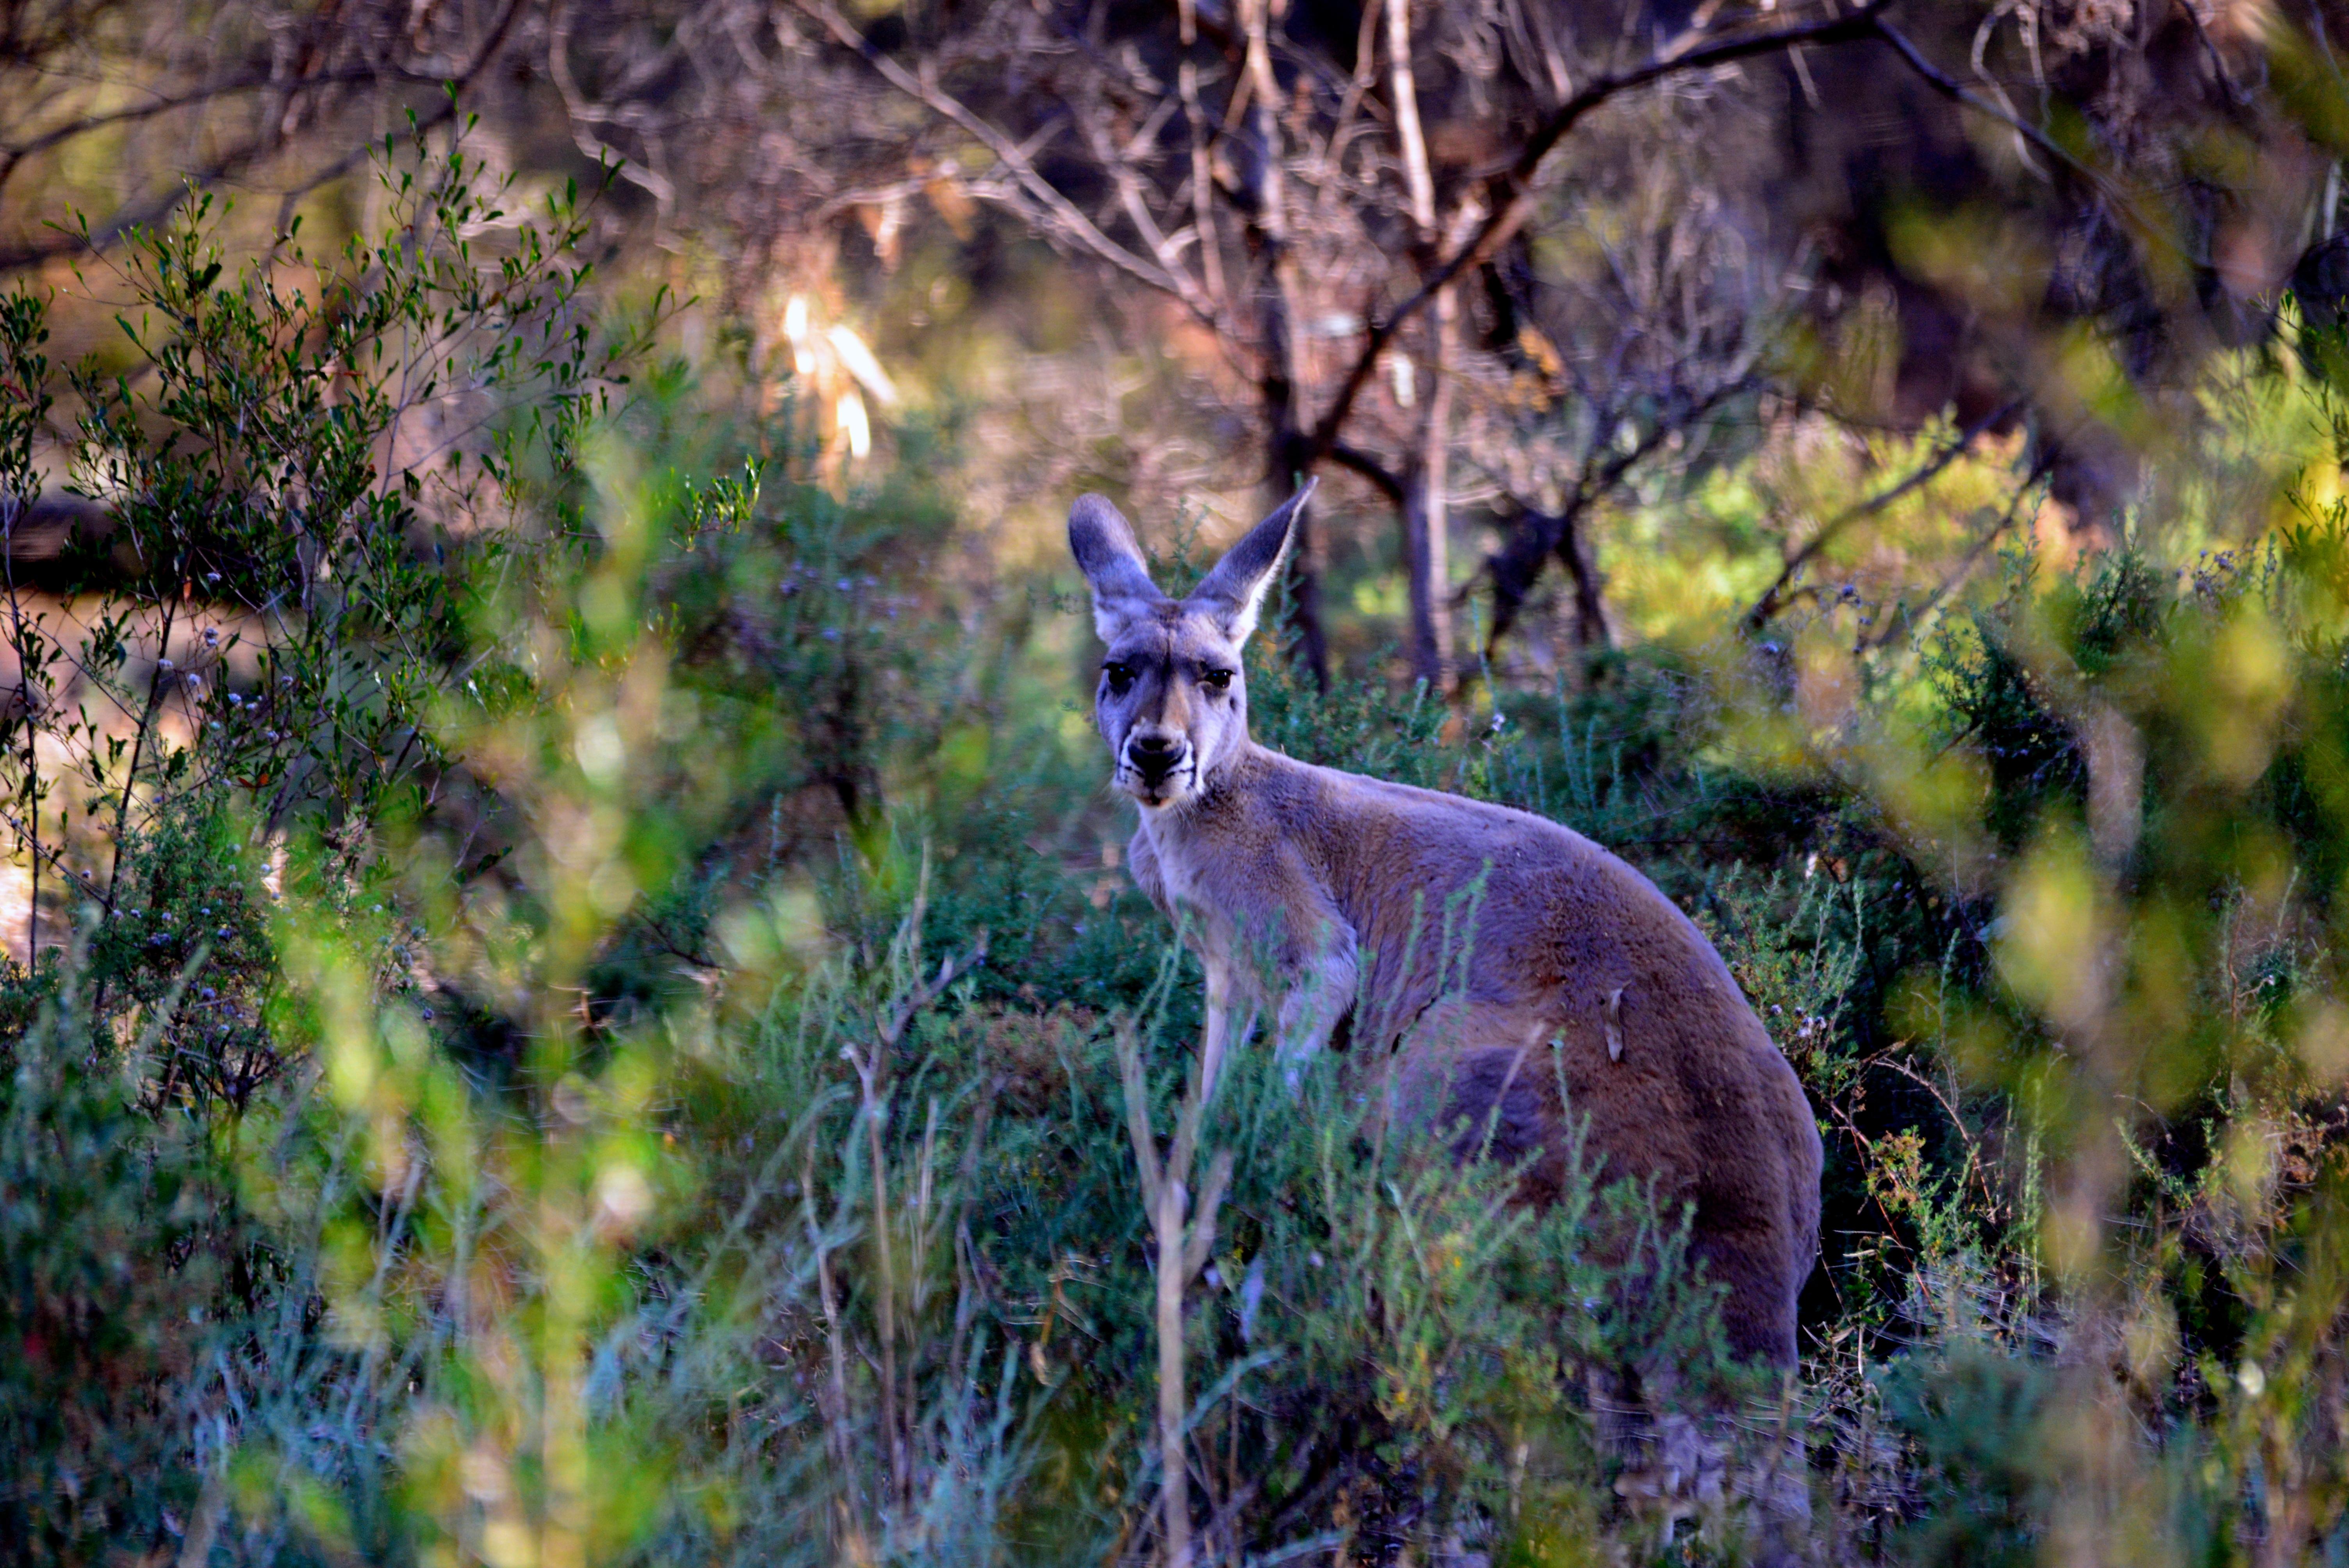 Kangaroo - Mutawintji NP